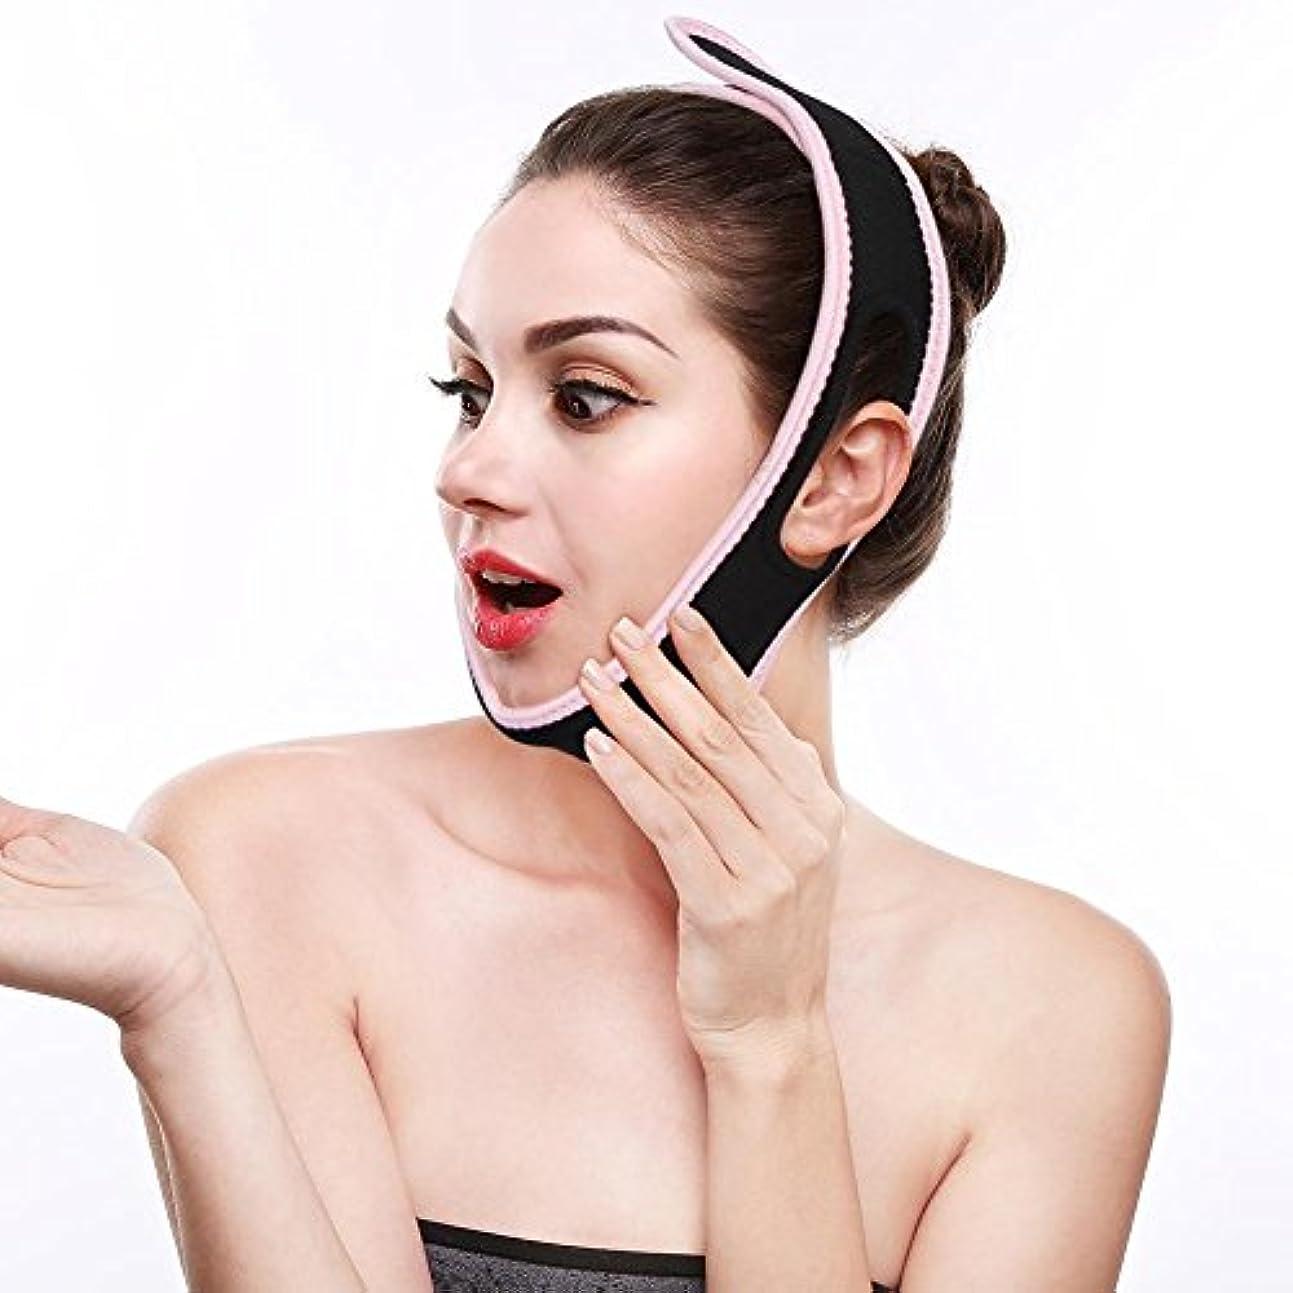 十分な一過性ポジティブフェイススリミング包帯、小顔 顎リフト 小顔マスク Vフェイスバンデージフェイスリフトマスク 顔の包帯スリ 小顔ベルト